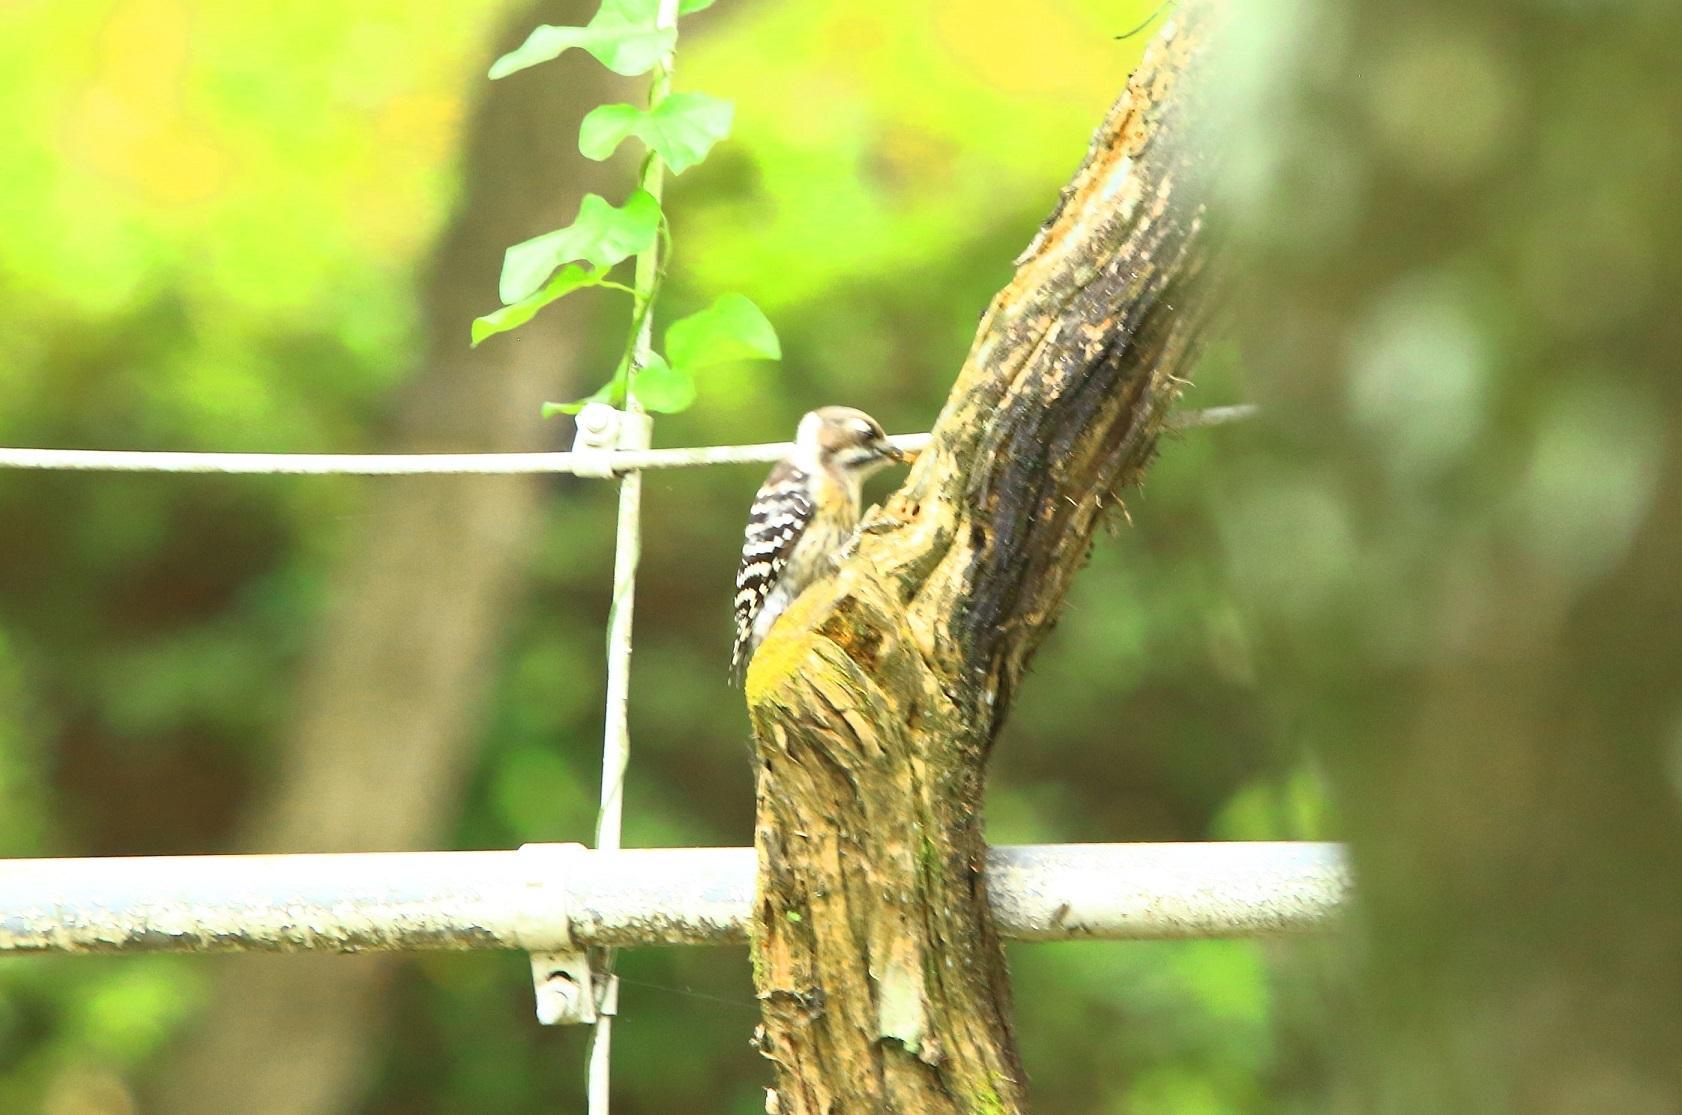 ブログ コゲラさん木の陰に.jpg